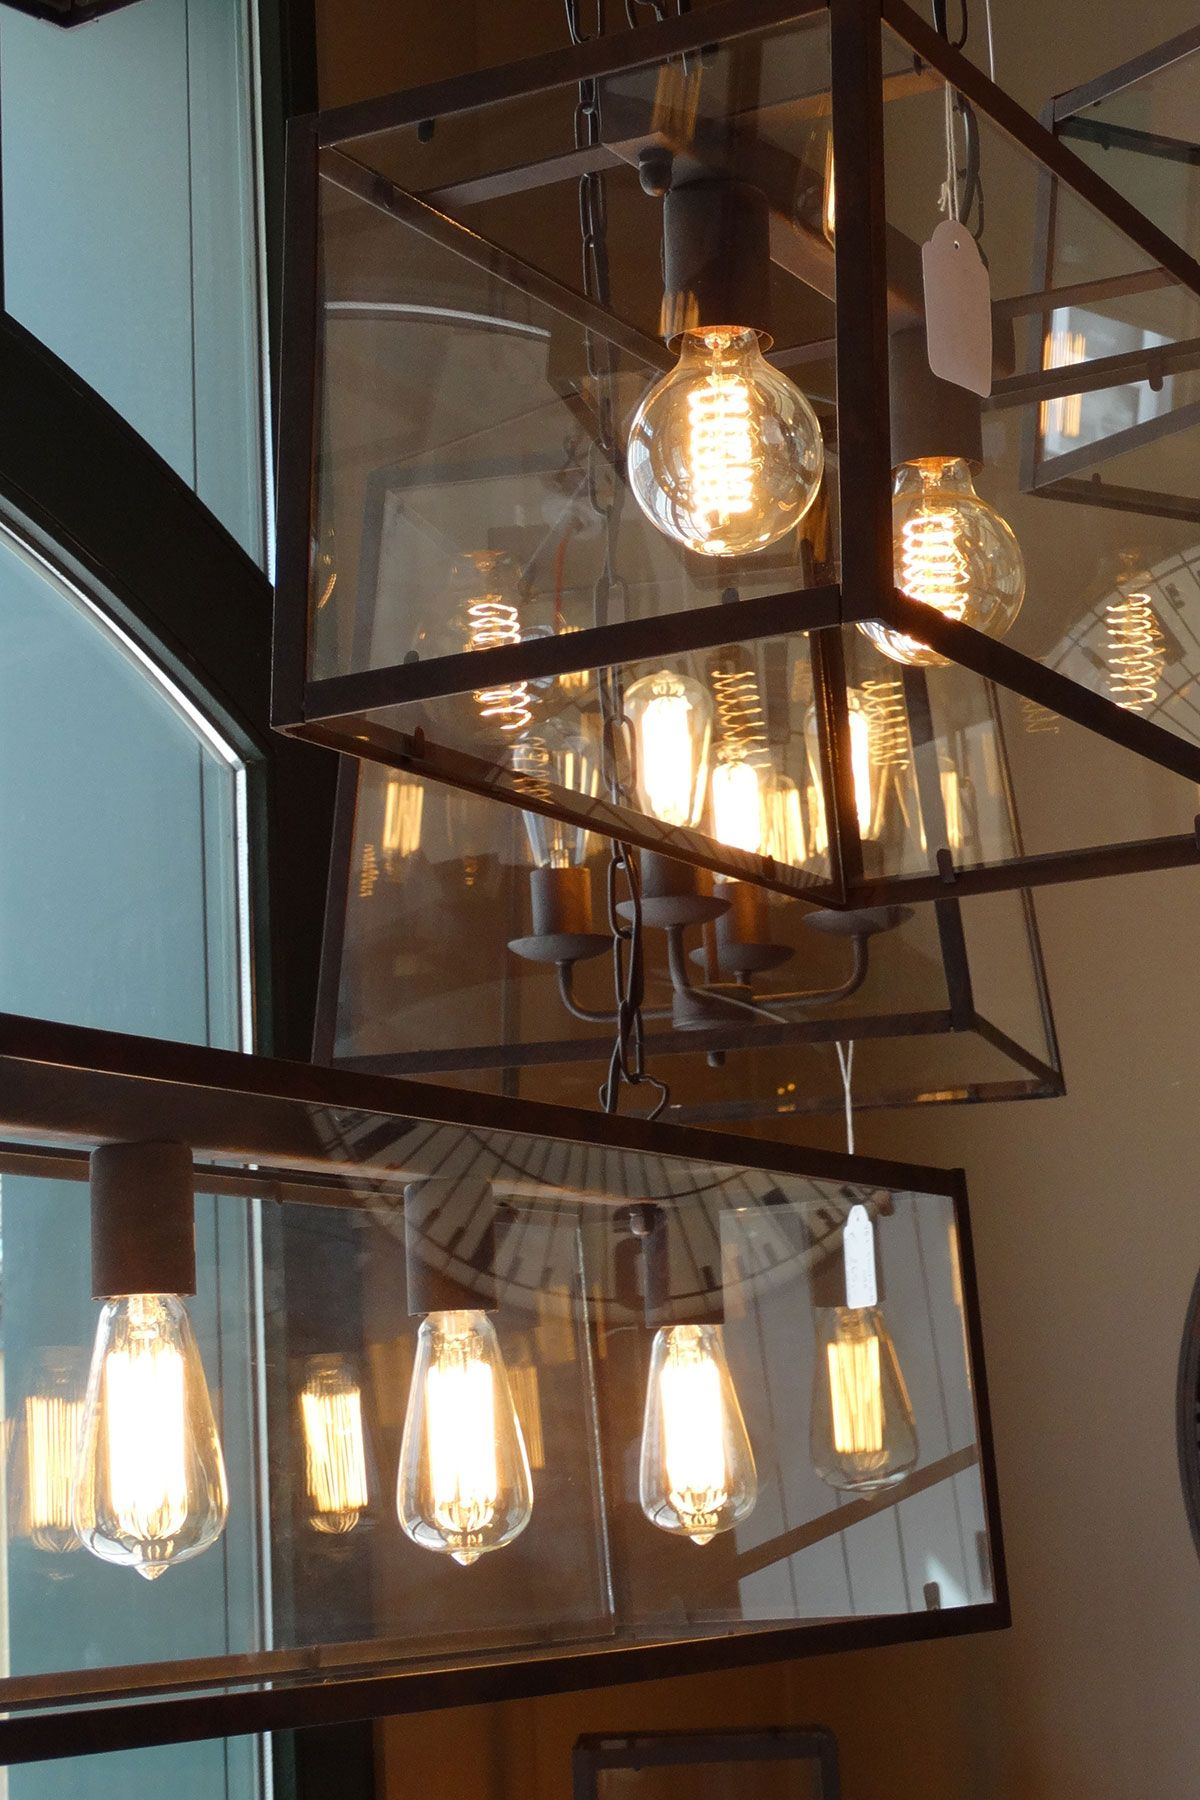 Résultat Supérieur 60 Bon Marché Lampe Plafond Design graphie